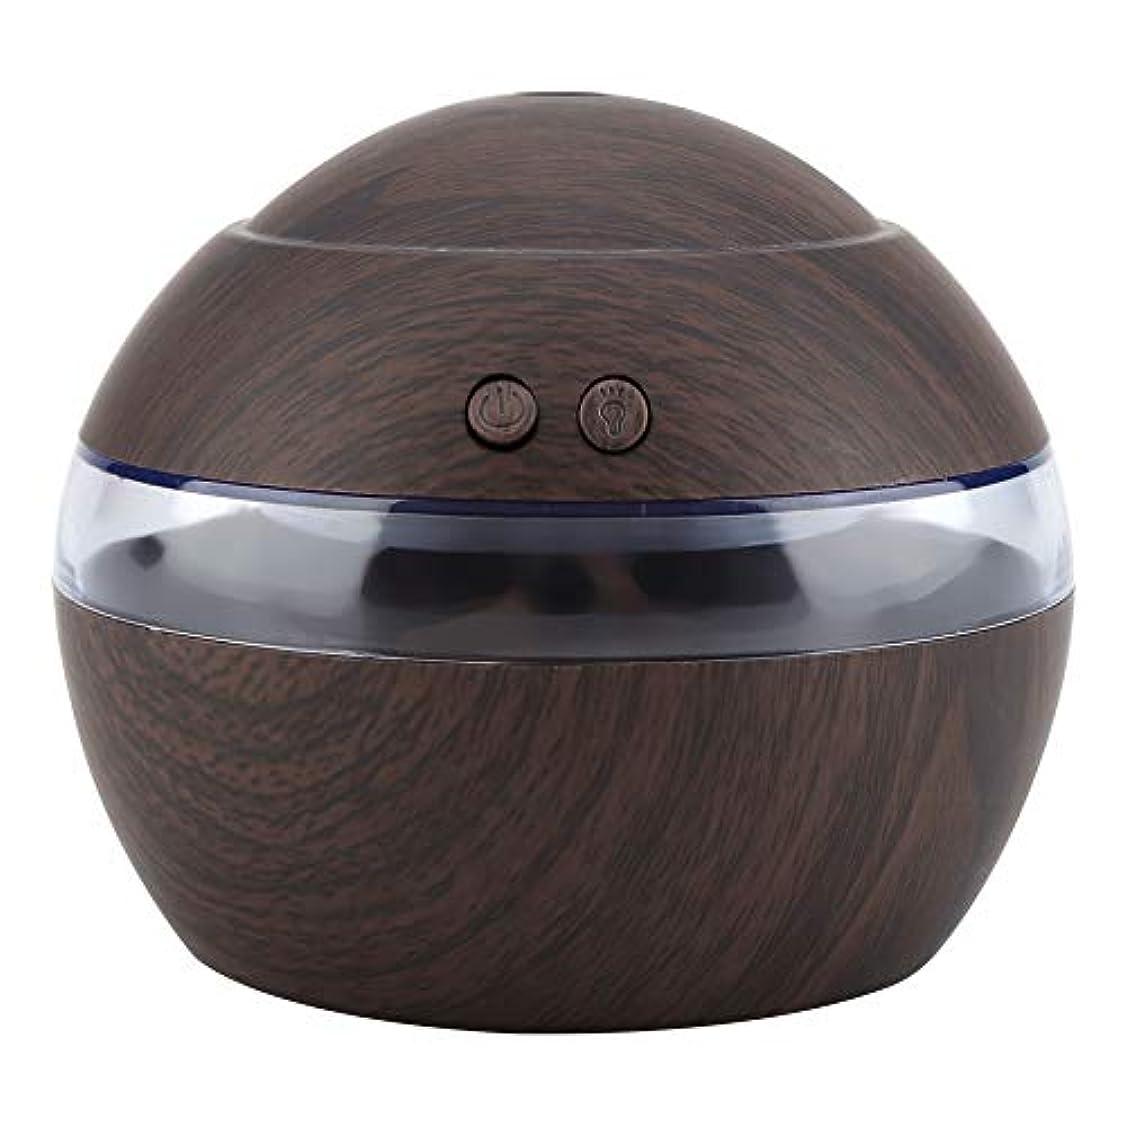 別に勝者ペレットエッセンシャルオイルディフューザー、300ml USBクールミスト加湿器かなりアロマセラピーアロマオイル加湿器気化器ライト付き(ダークウッド)